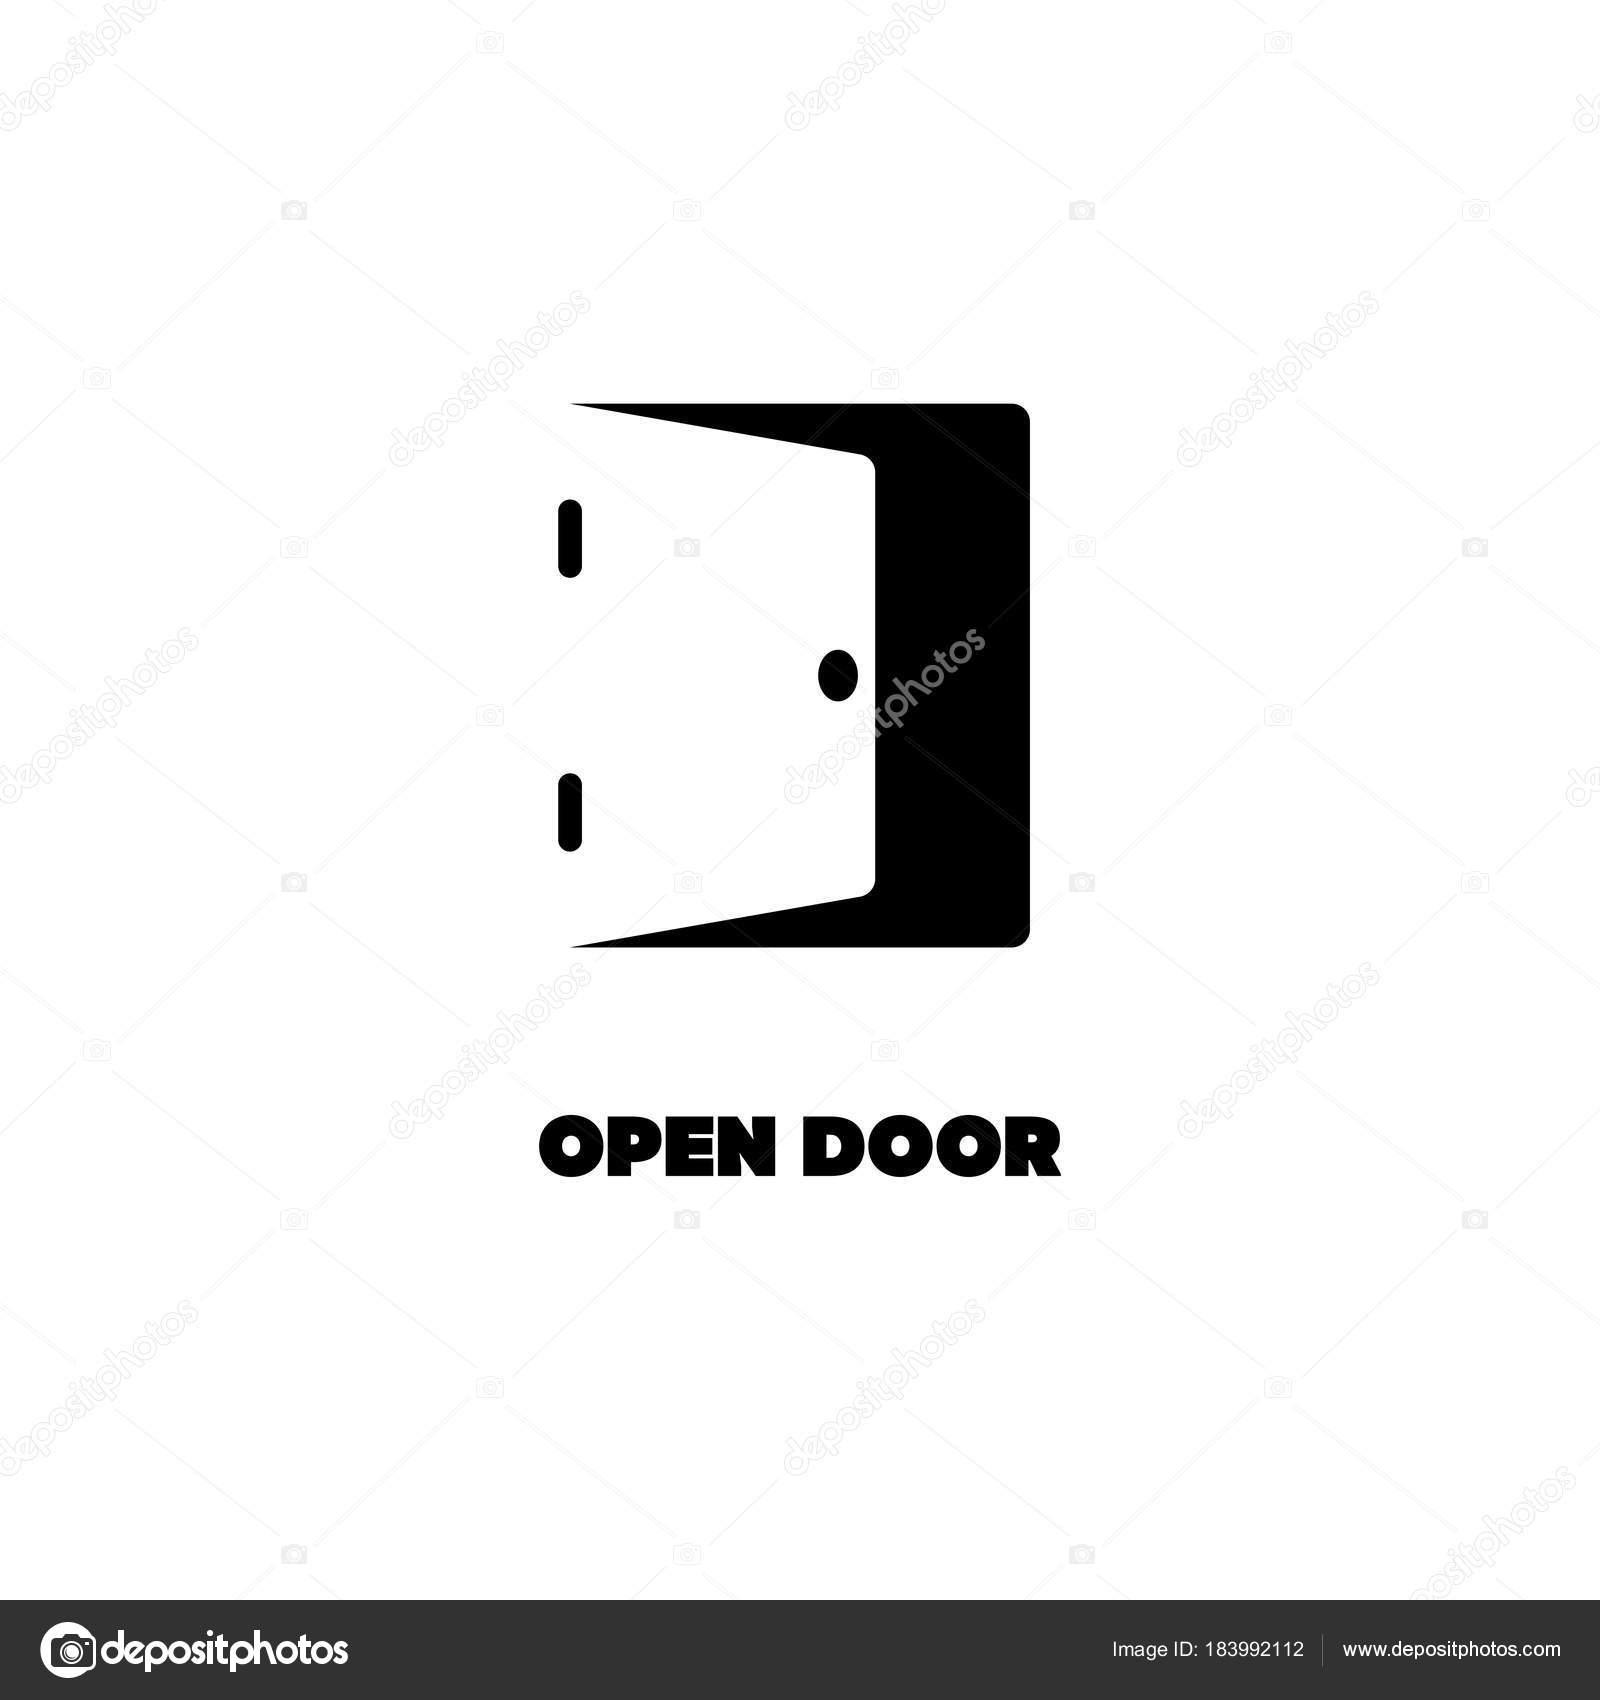 Negative space logo of open door. Black silhouette